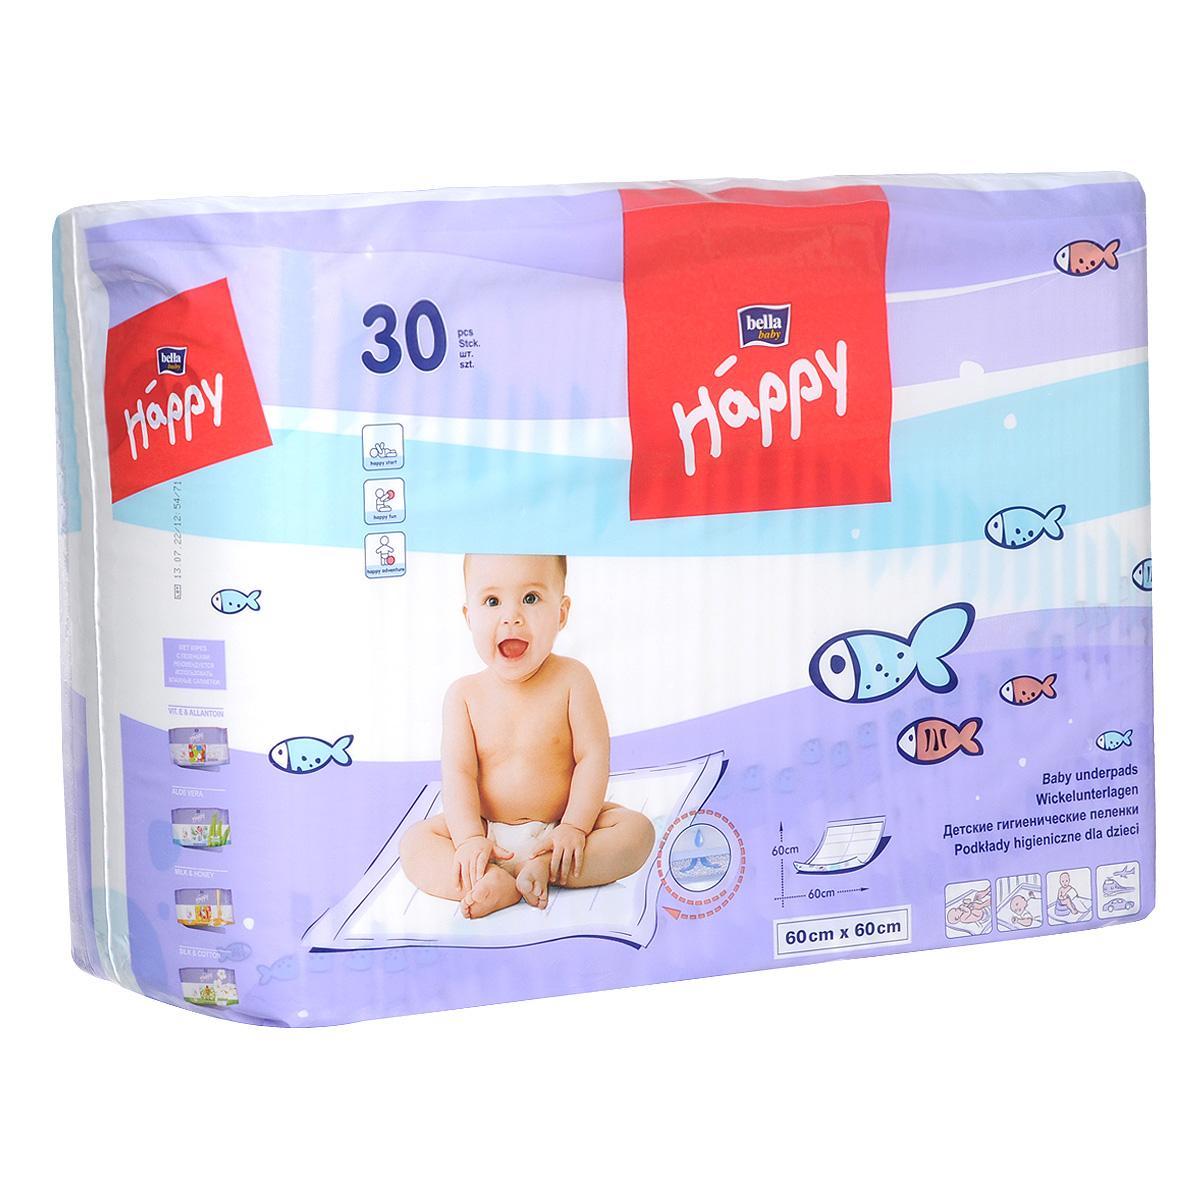 Фото Bella Baby Happy Пеленки гигиенические, детские, 60 см x 60 см, 30 шт